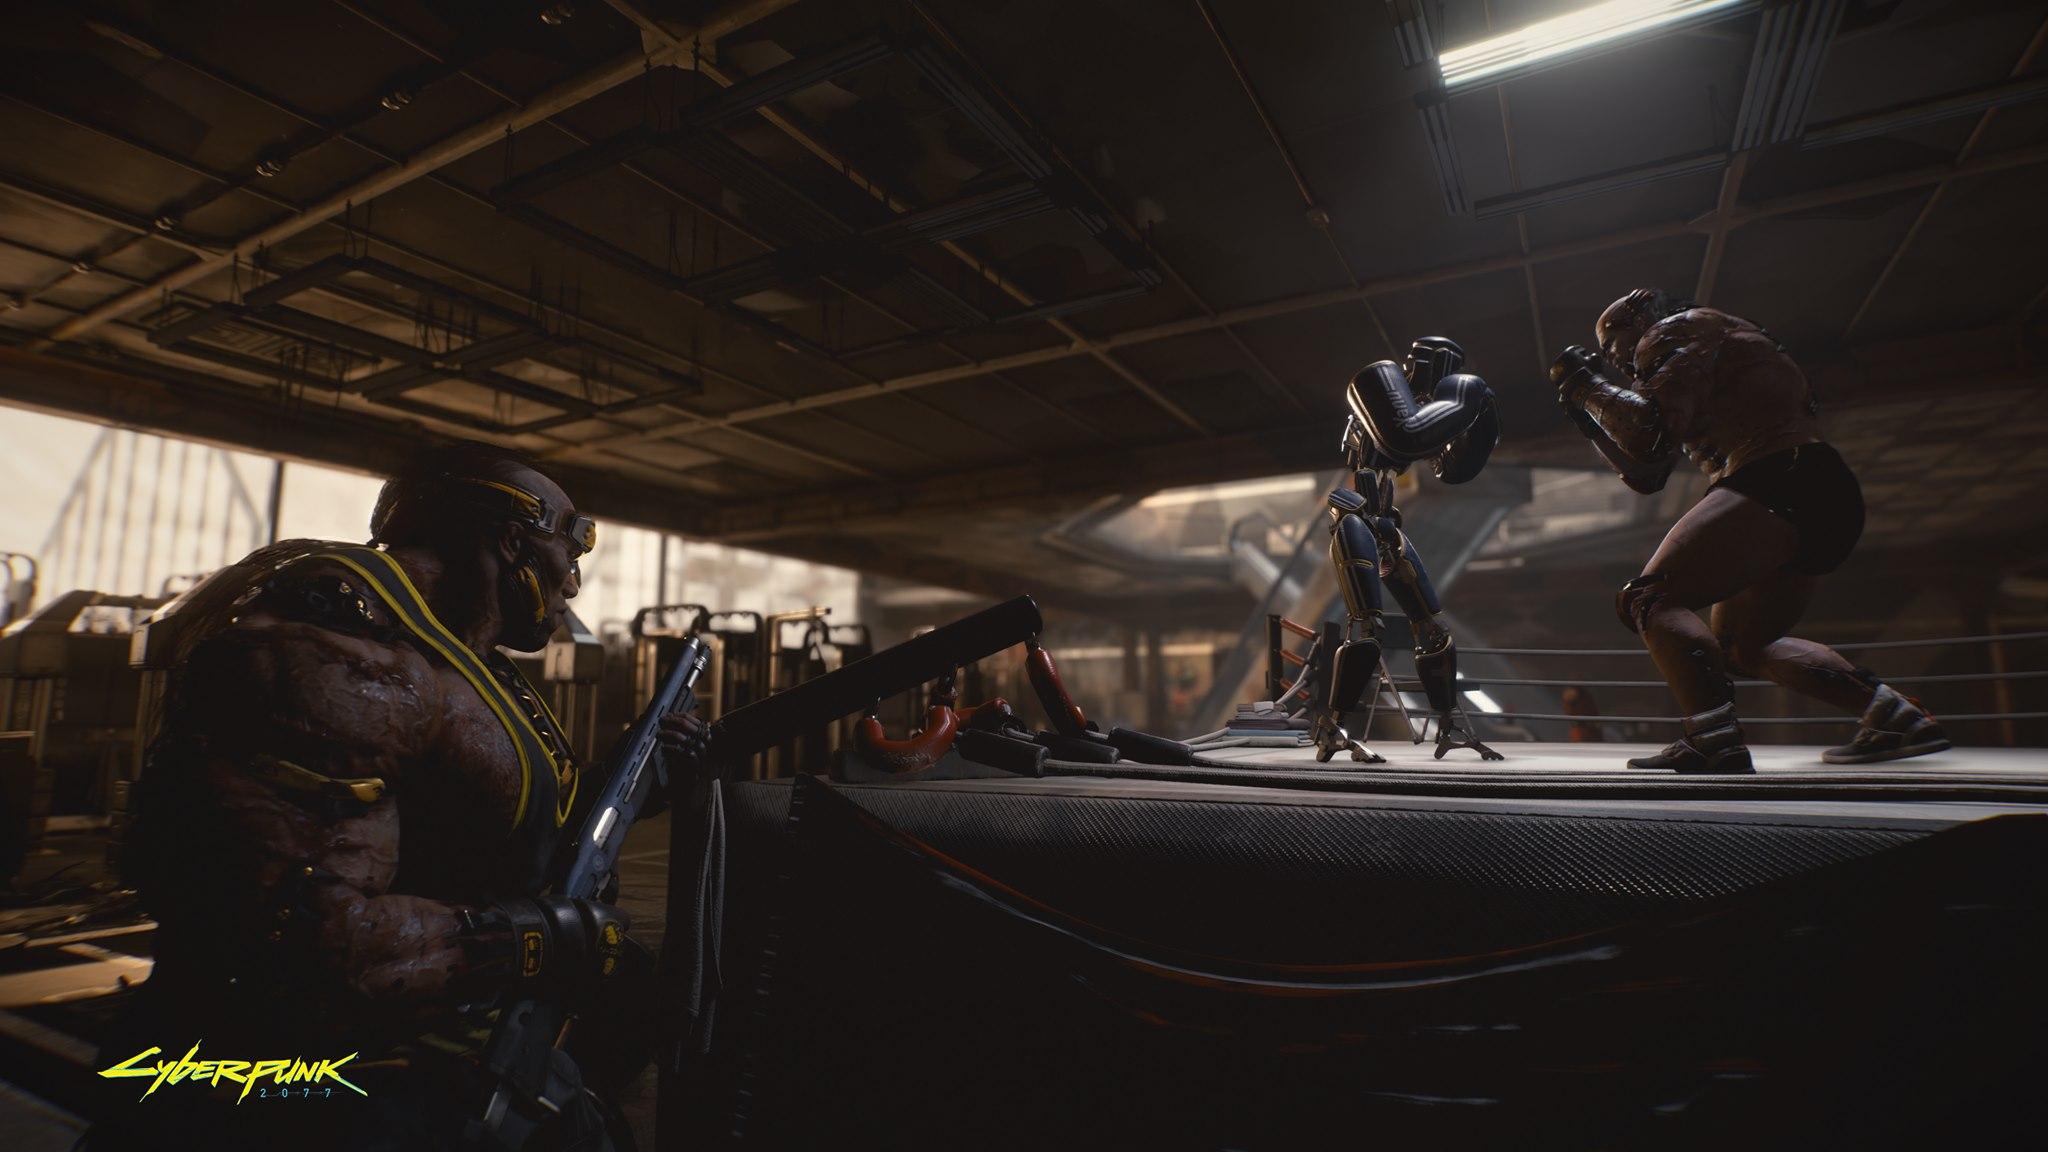 《赛博朋克2077》更多新截图 展示第一人称射击